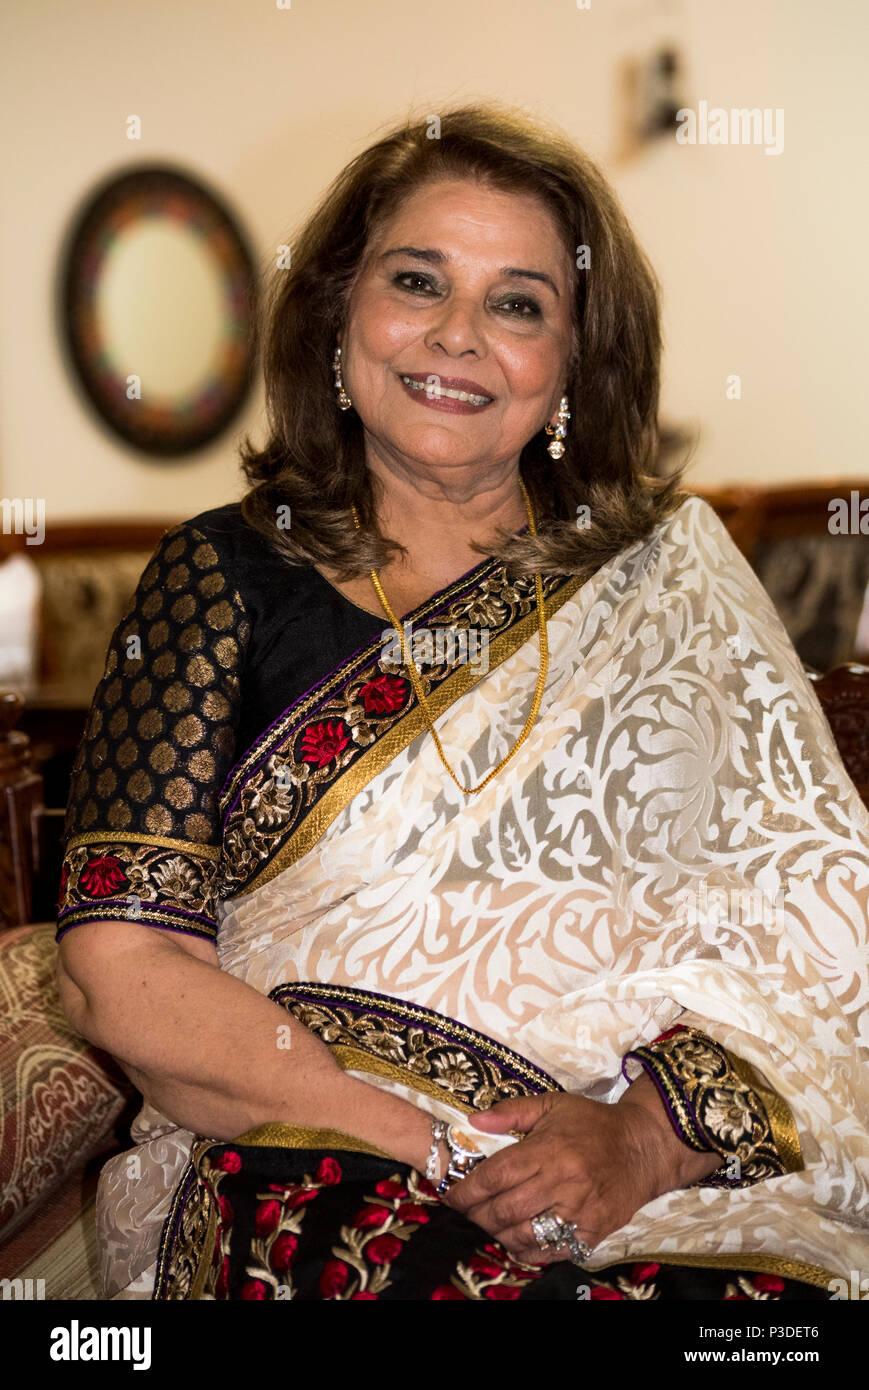 Pakistanische Schauspielerin Uzma Gillani, Auckland, Neuseeland Stockbild